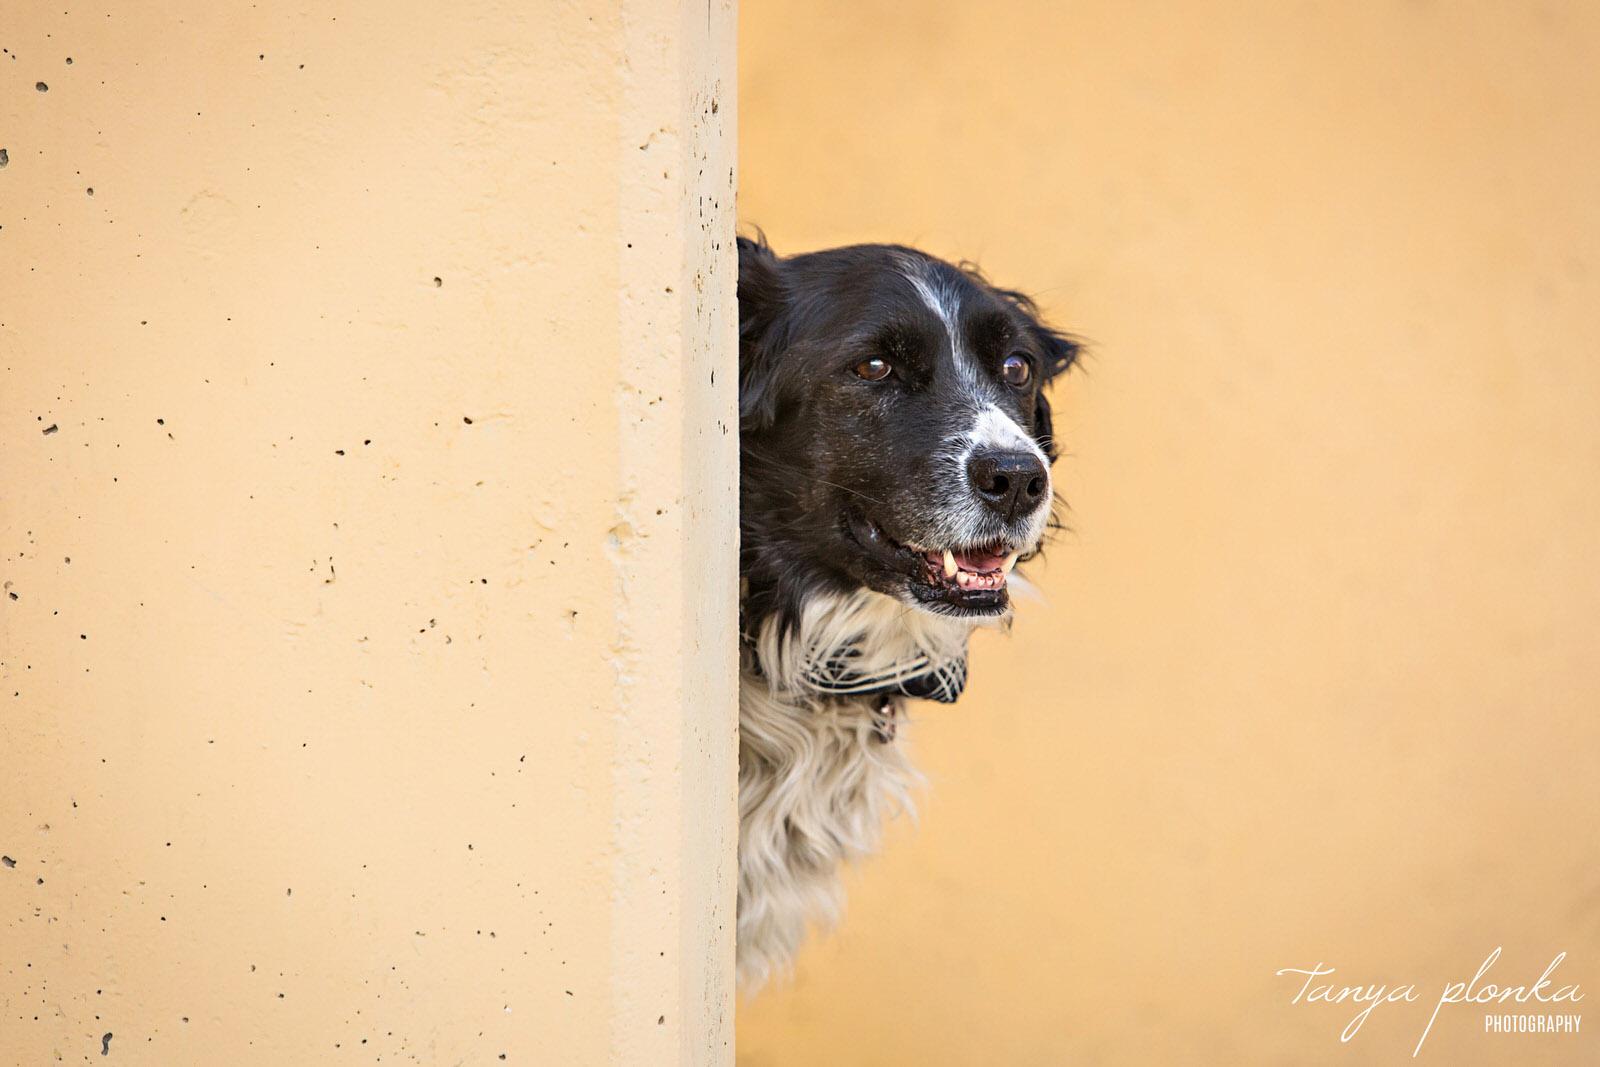 black and white dog peeks around yellow wall